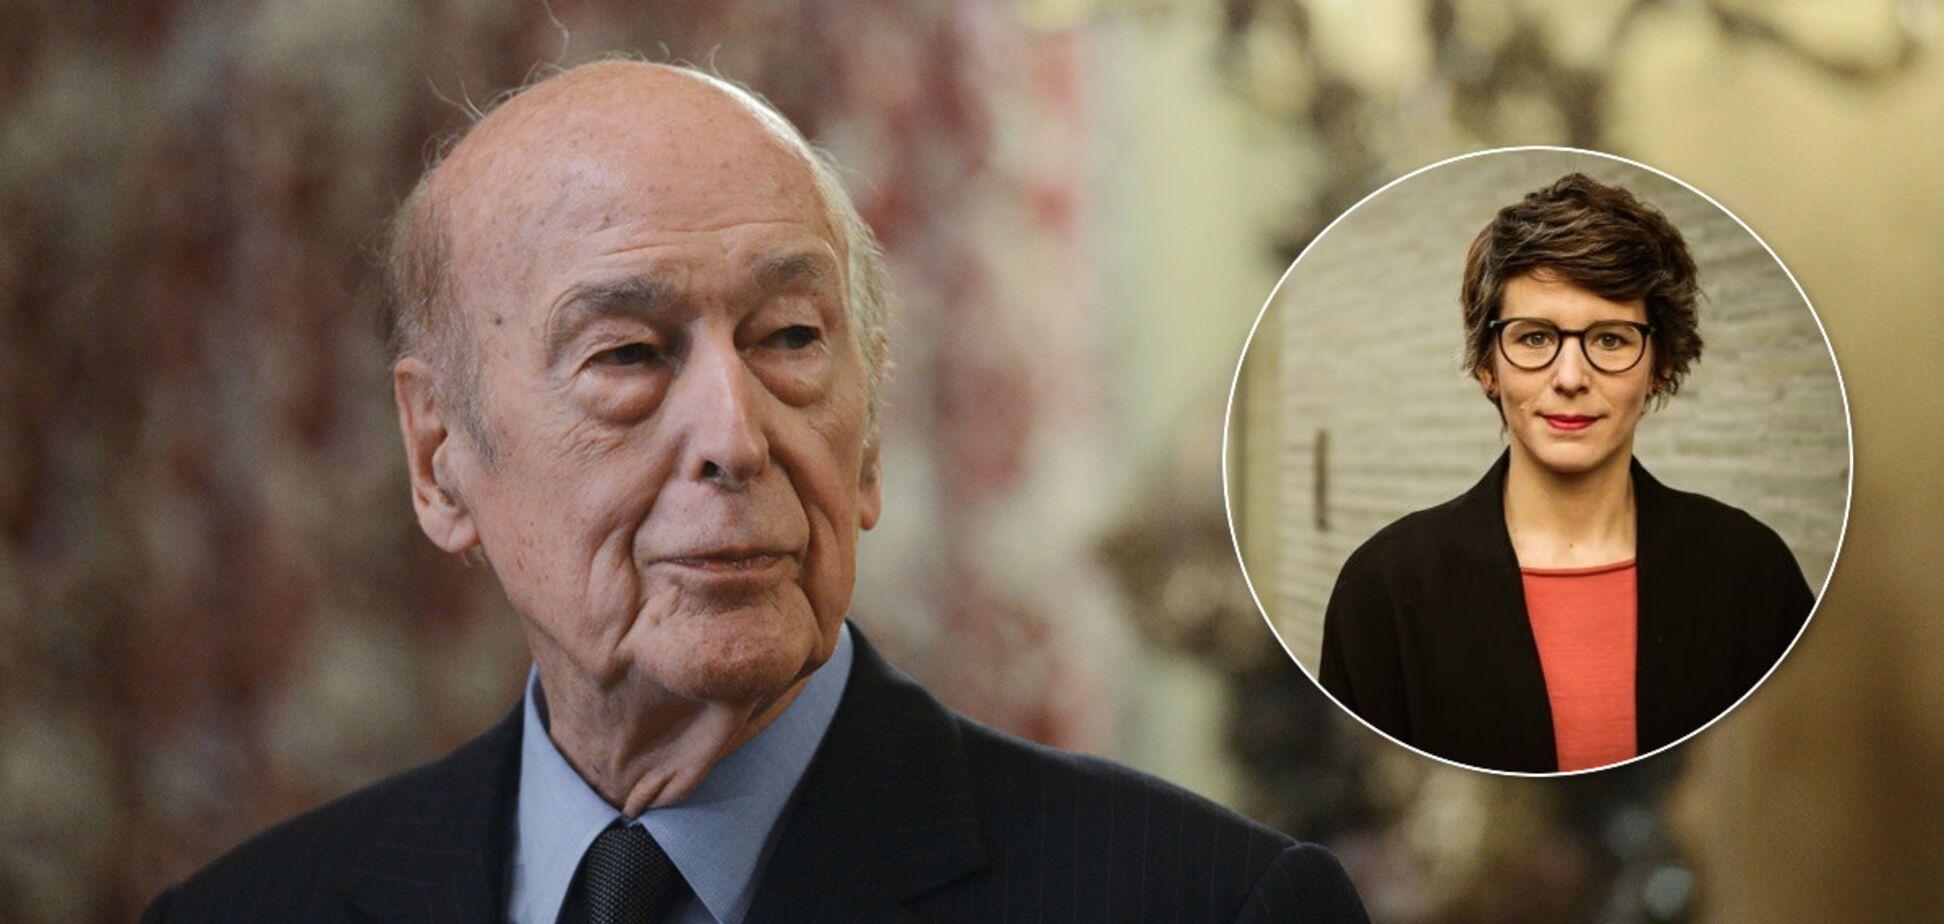 Цілував і торкався сідниць: 94-річного експрезидента Франції звинуватили в домаганнях